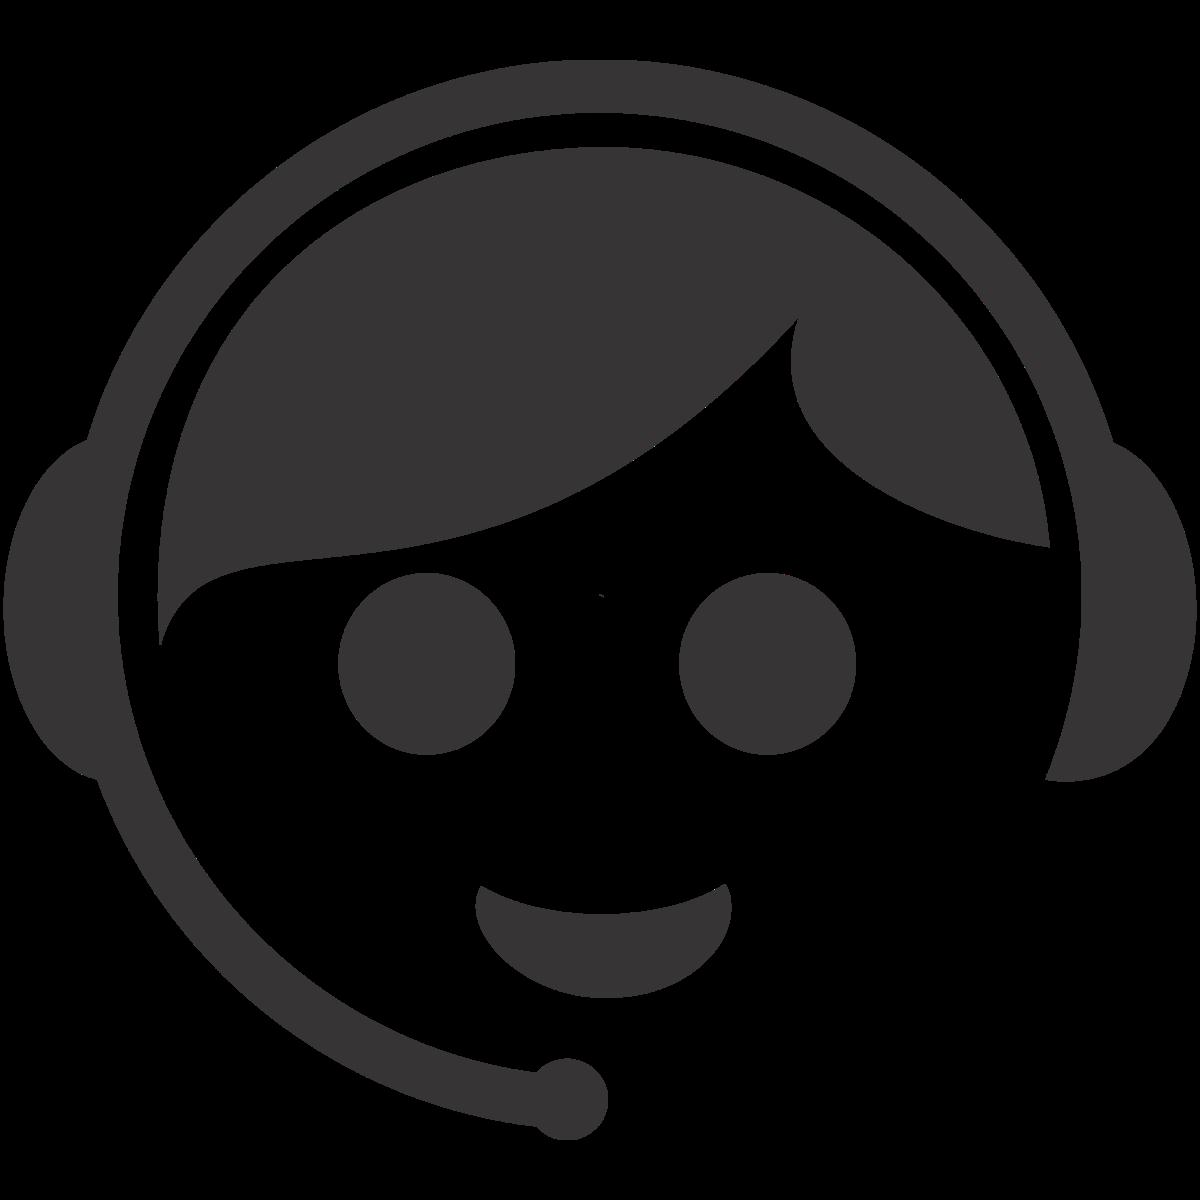 13 Customer Service Representative Icon Black Images